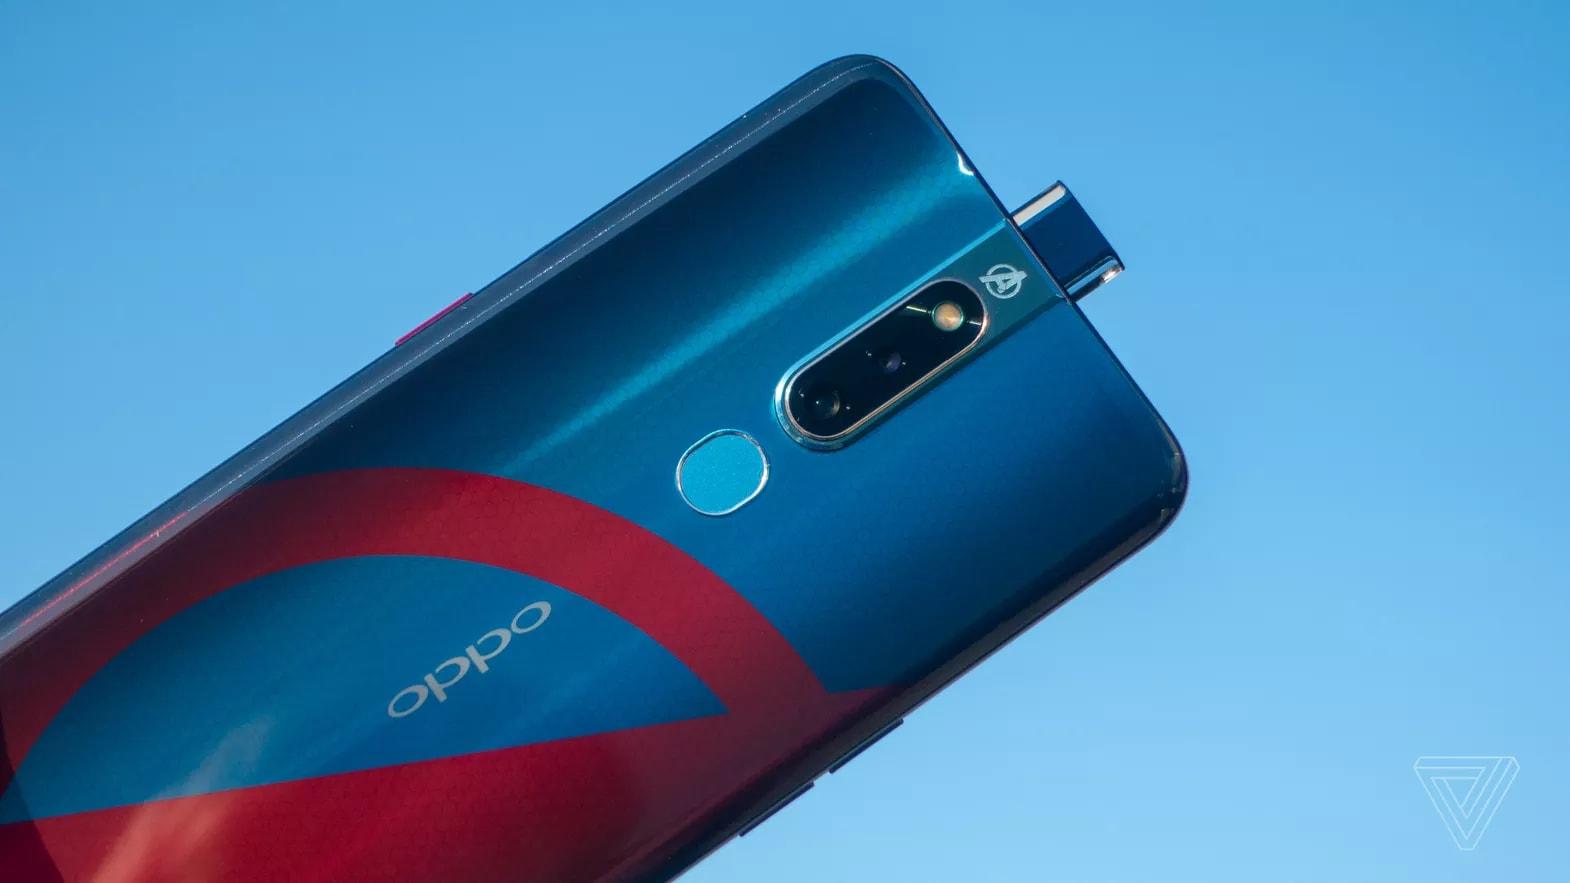 OPPO F11 e F11 Pro in cerca di gloria: test per ColorOS 7 basata su Android 10 in rampa di lancio